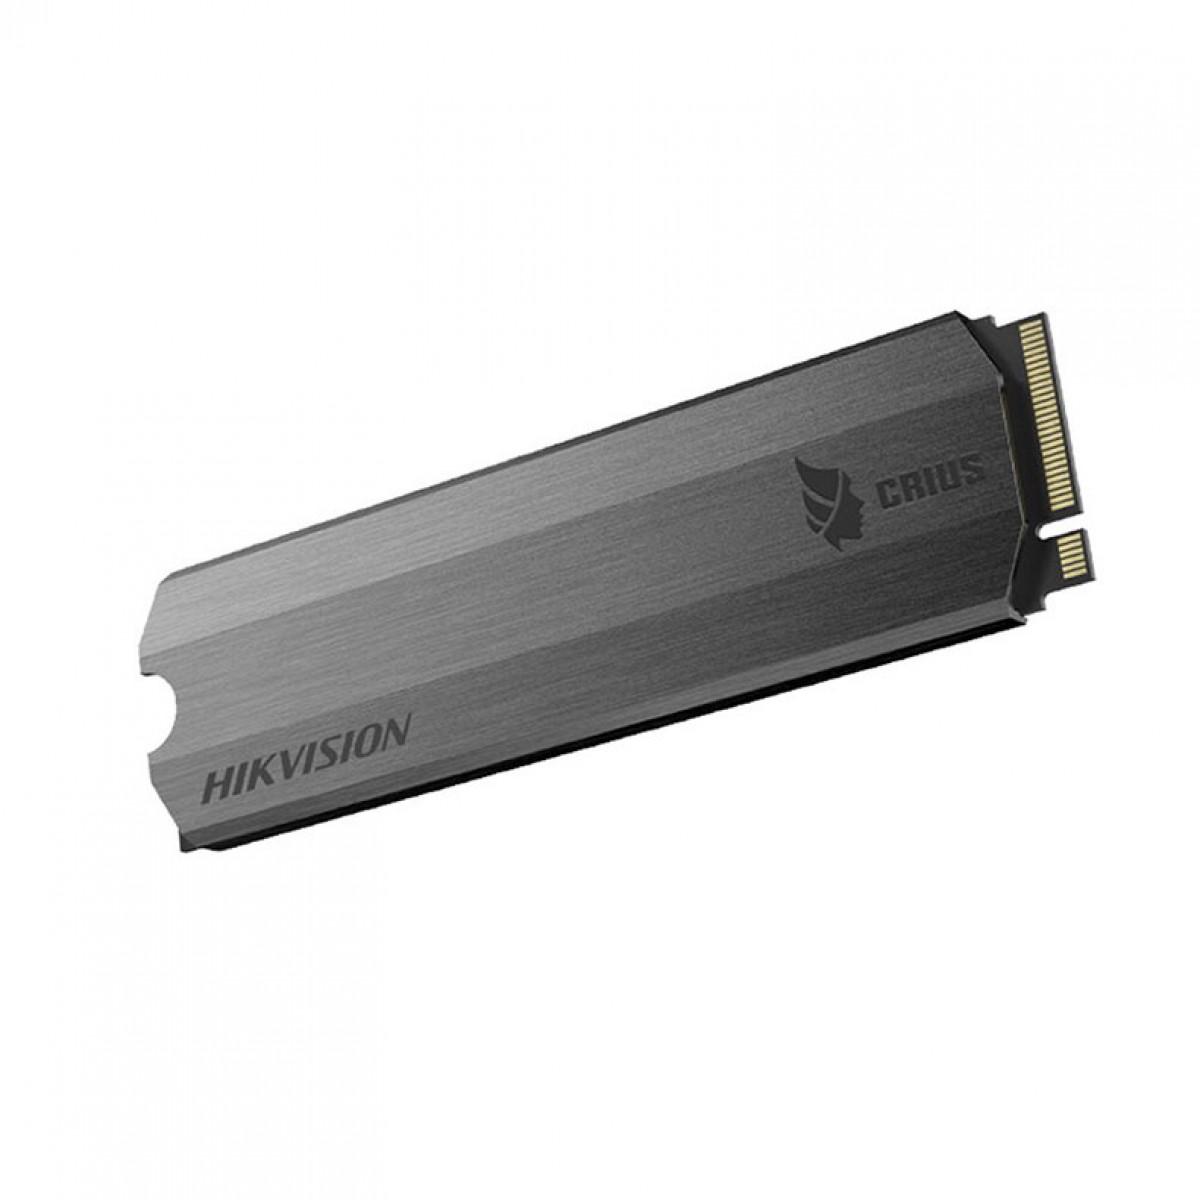 SSD Hikvision E-2000 1TB, M.2 NVME, Leitura 3500MBs e Gravação 3000MBs, HS-SSD-E2000-1024GB